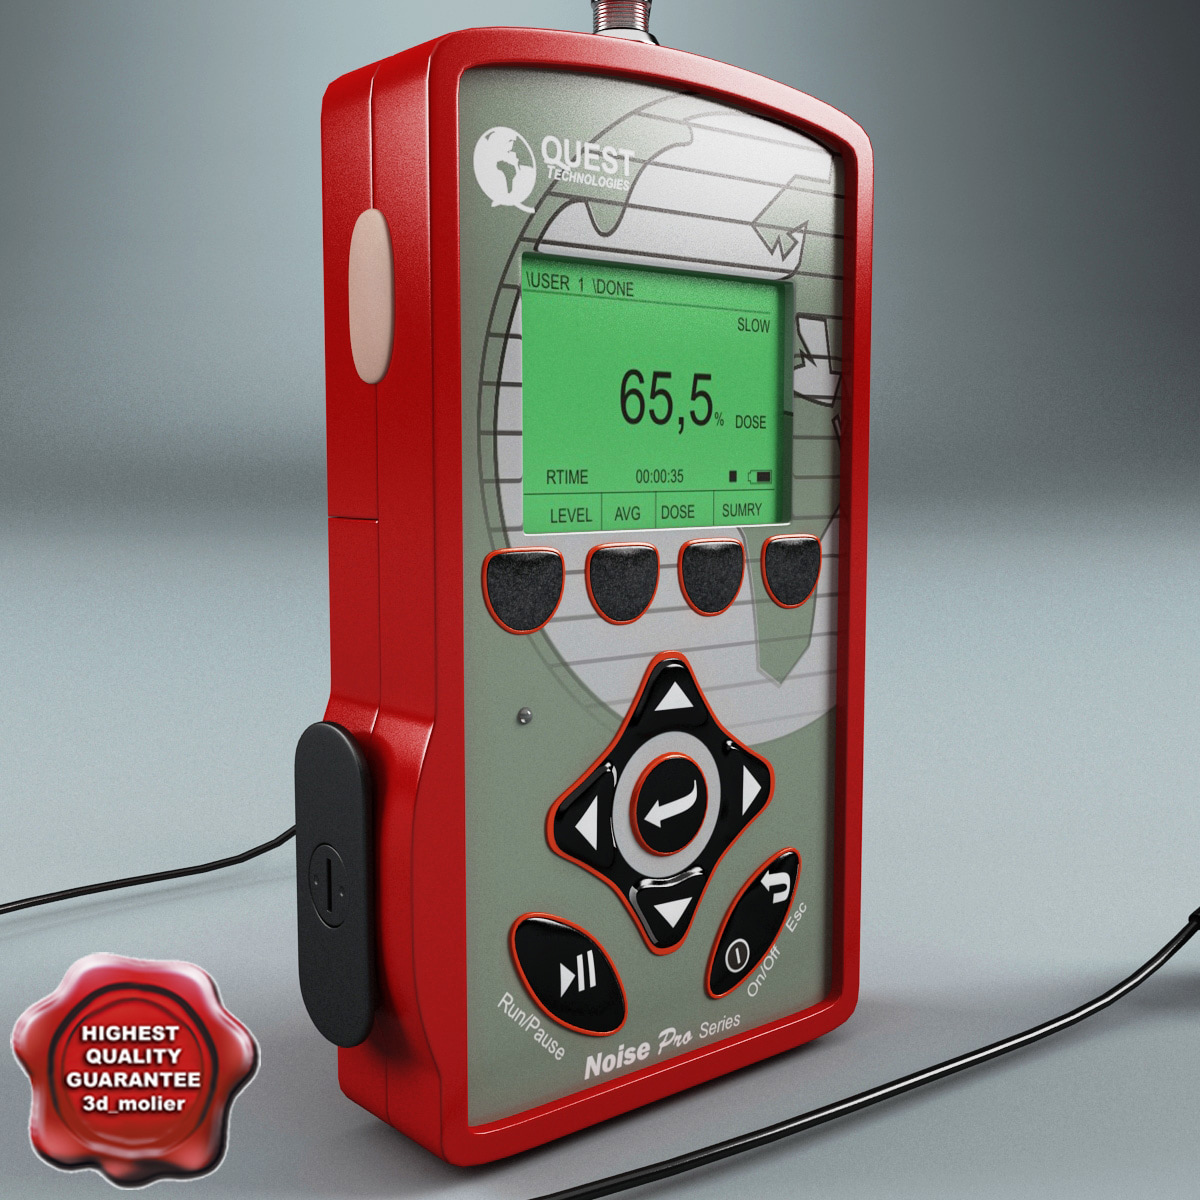 Radiation_Detector_Dosimeter_Quets_Noise_00.jpg